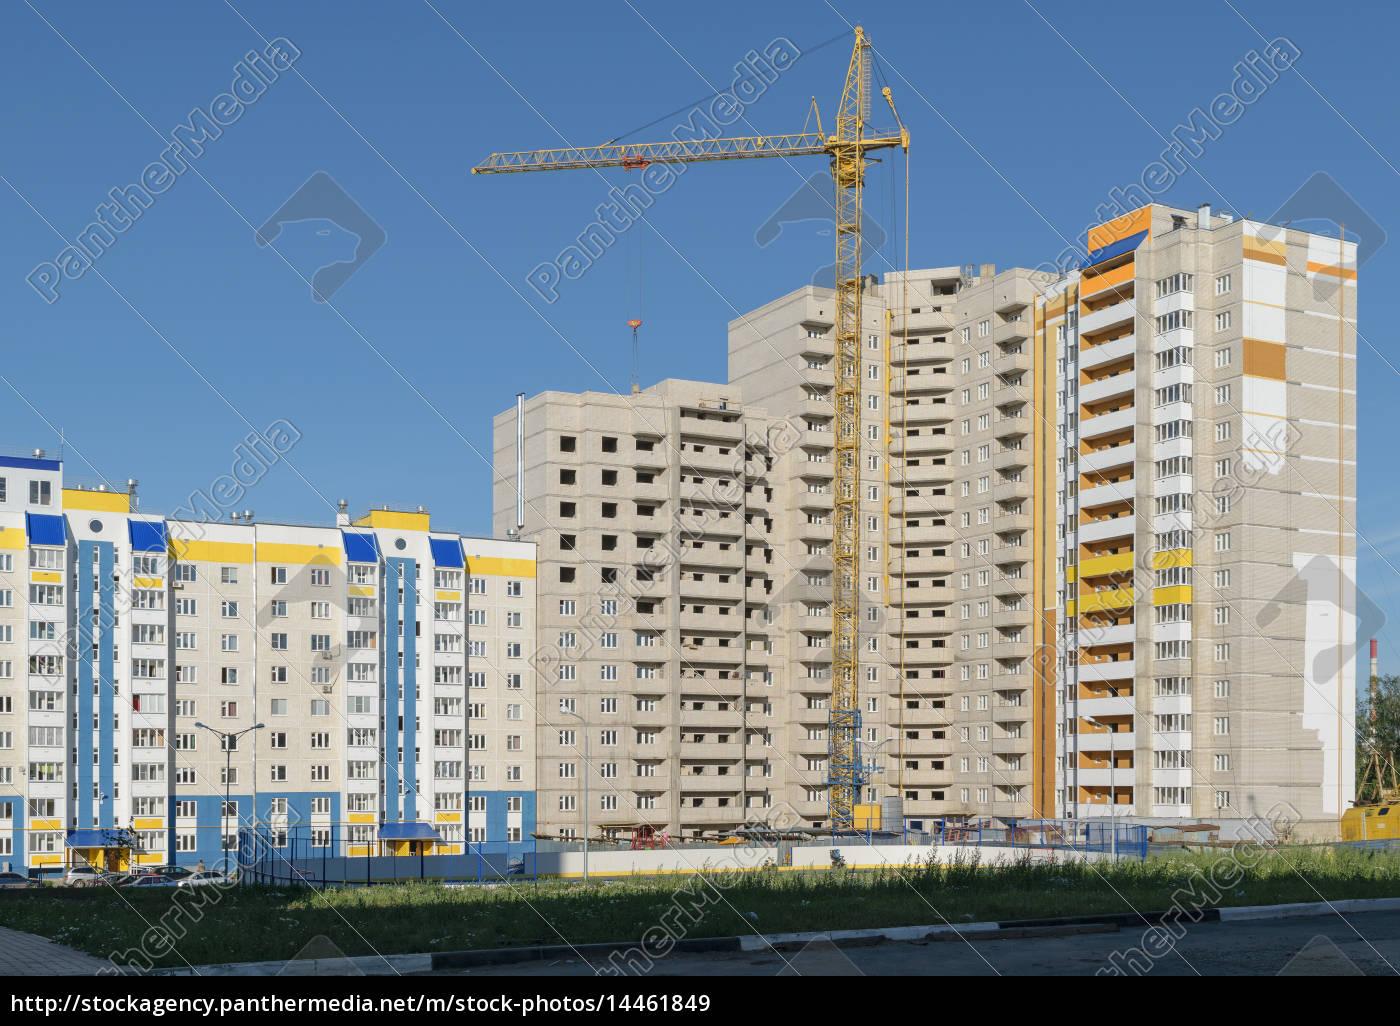 der, bau, eines, neuen, hochhaus - 14461849